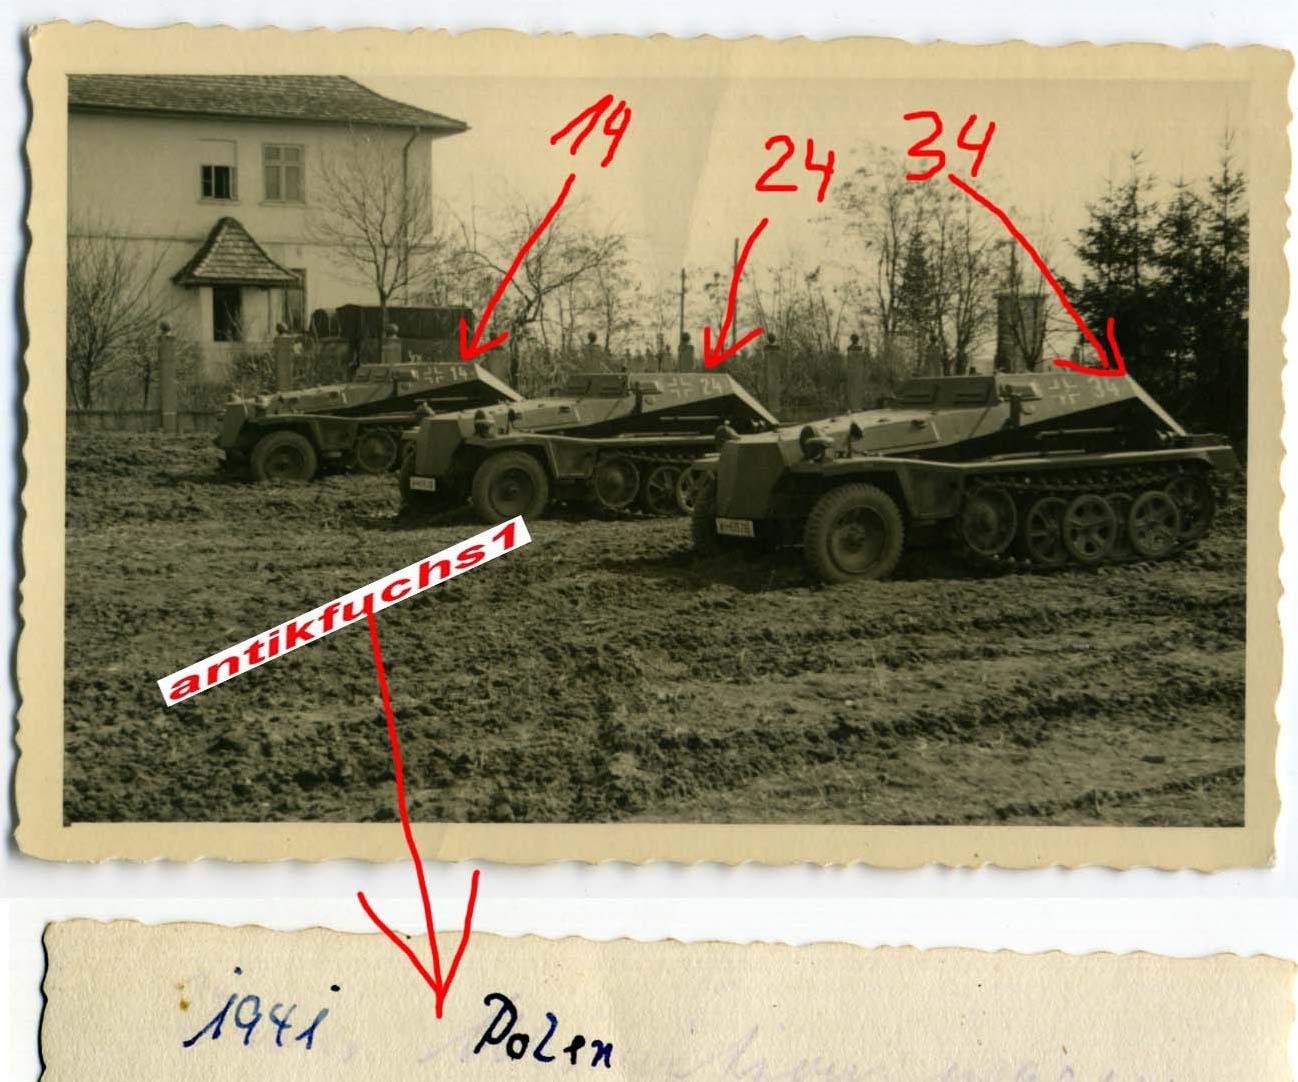 1/35 Leichte Gepanzerte Munitionskraftwagen Sd.Kfz 252 Karbel10